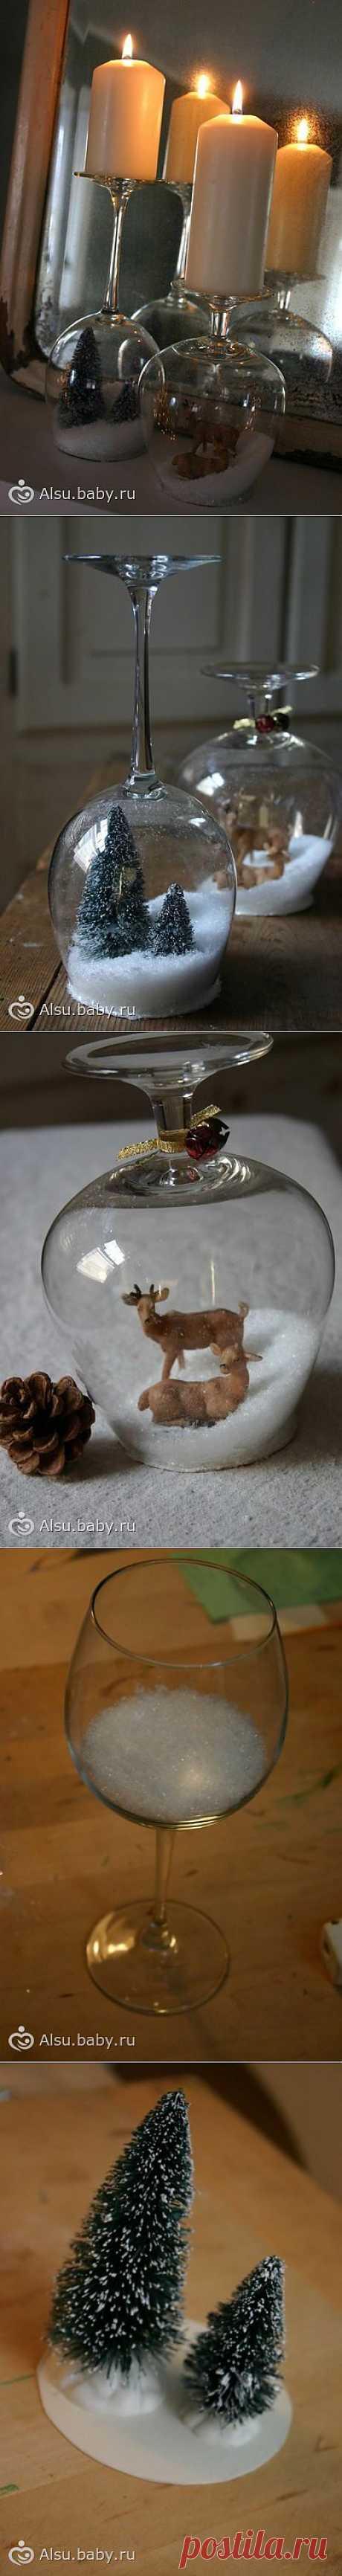 Делаем сказочно-новогодний подсвечник из бокала